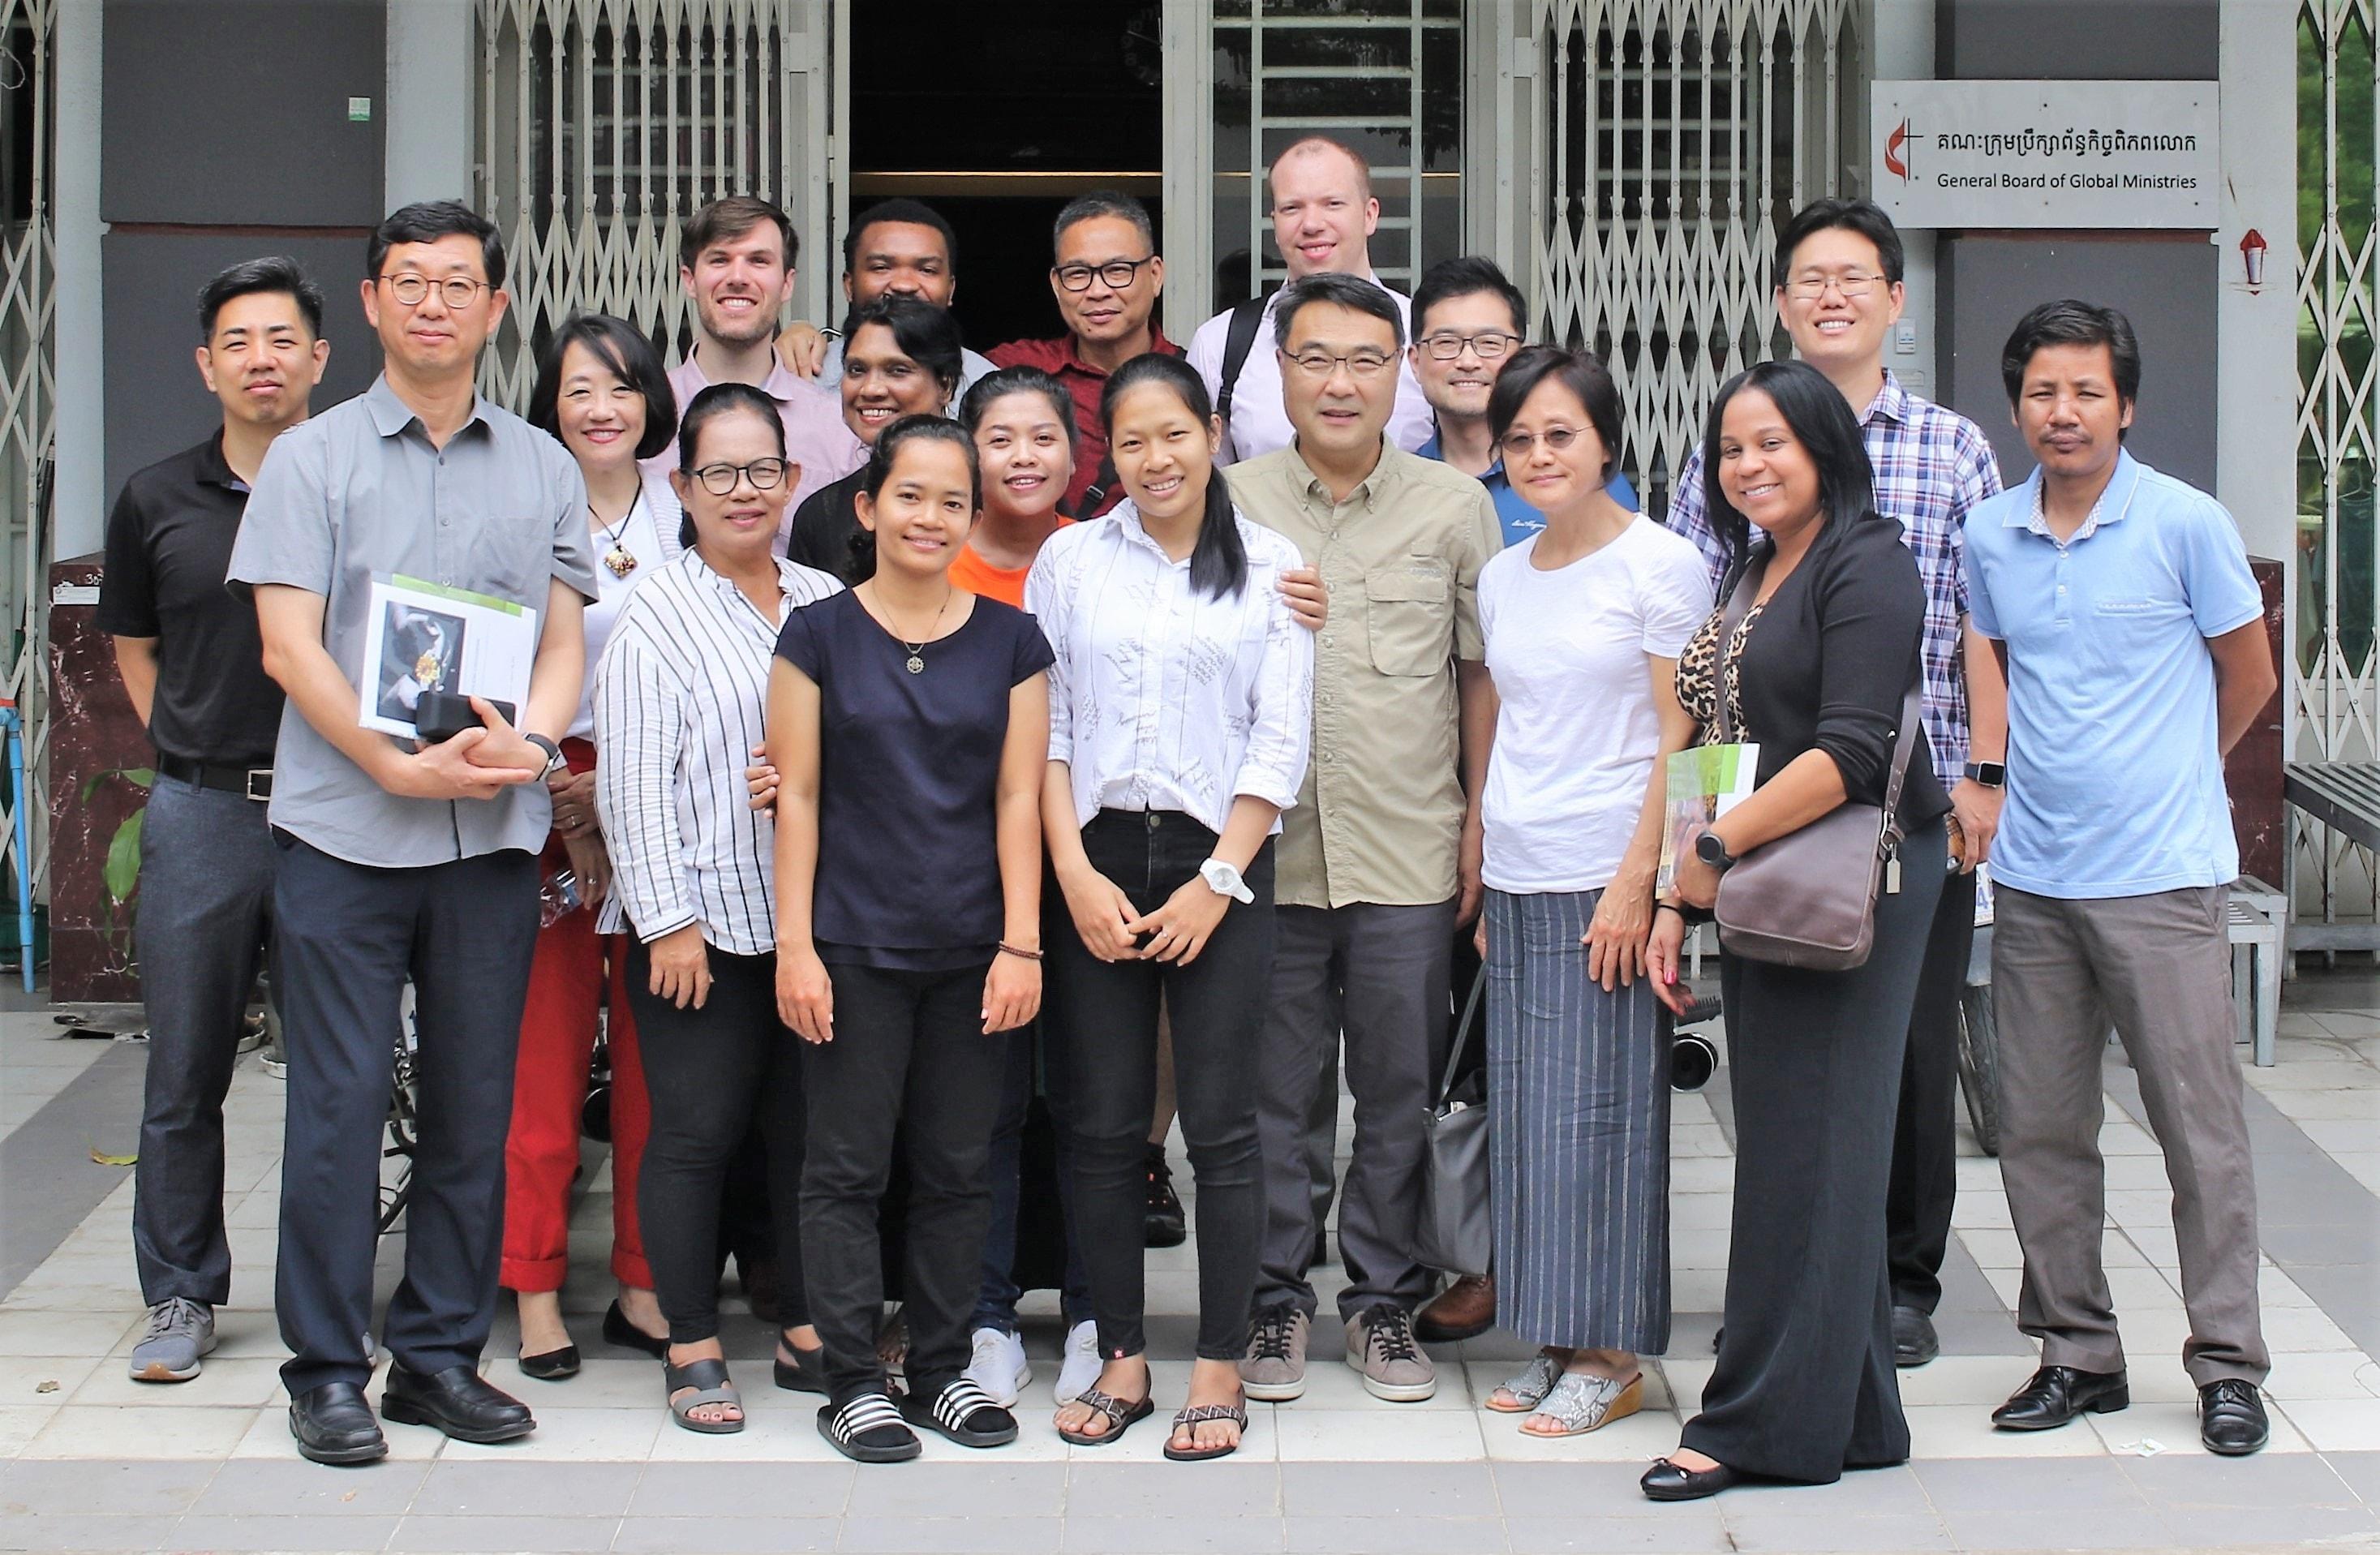 캄보디아에서의 인신매매 대책을 강구하기 위해 캄보디아를 방문 중인 선교단이 세계선교부 캄보디아 사무실에서 캄보디아의 현실에 대한 강의를 받고 나서는 모습. 사진 김응선 목사, 연합감리교뉴스(UM News).